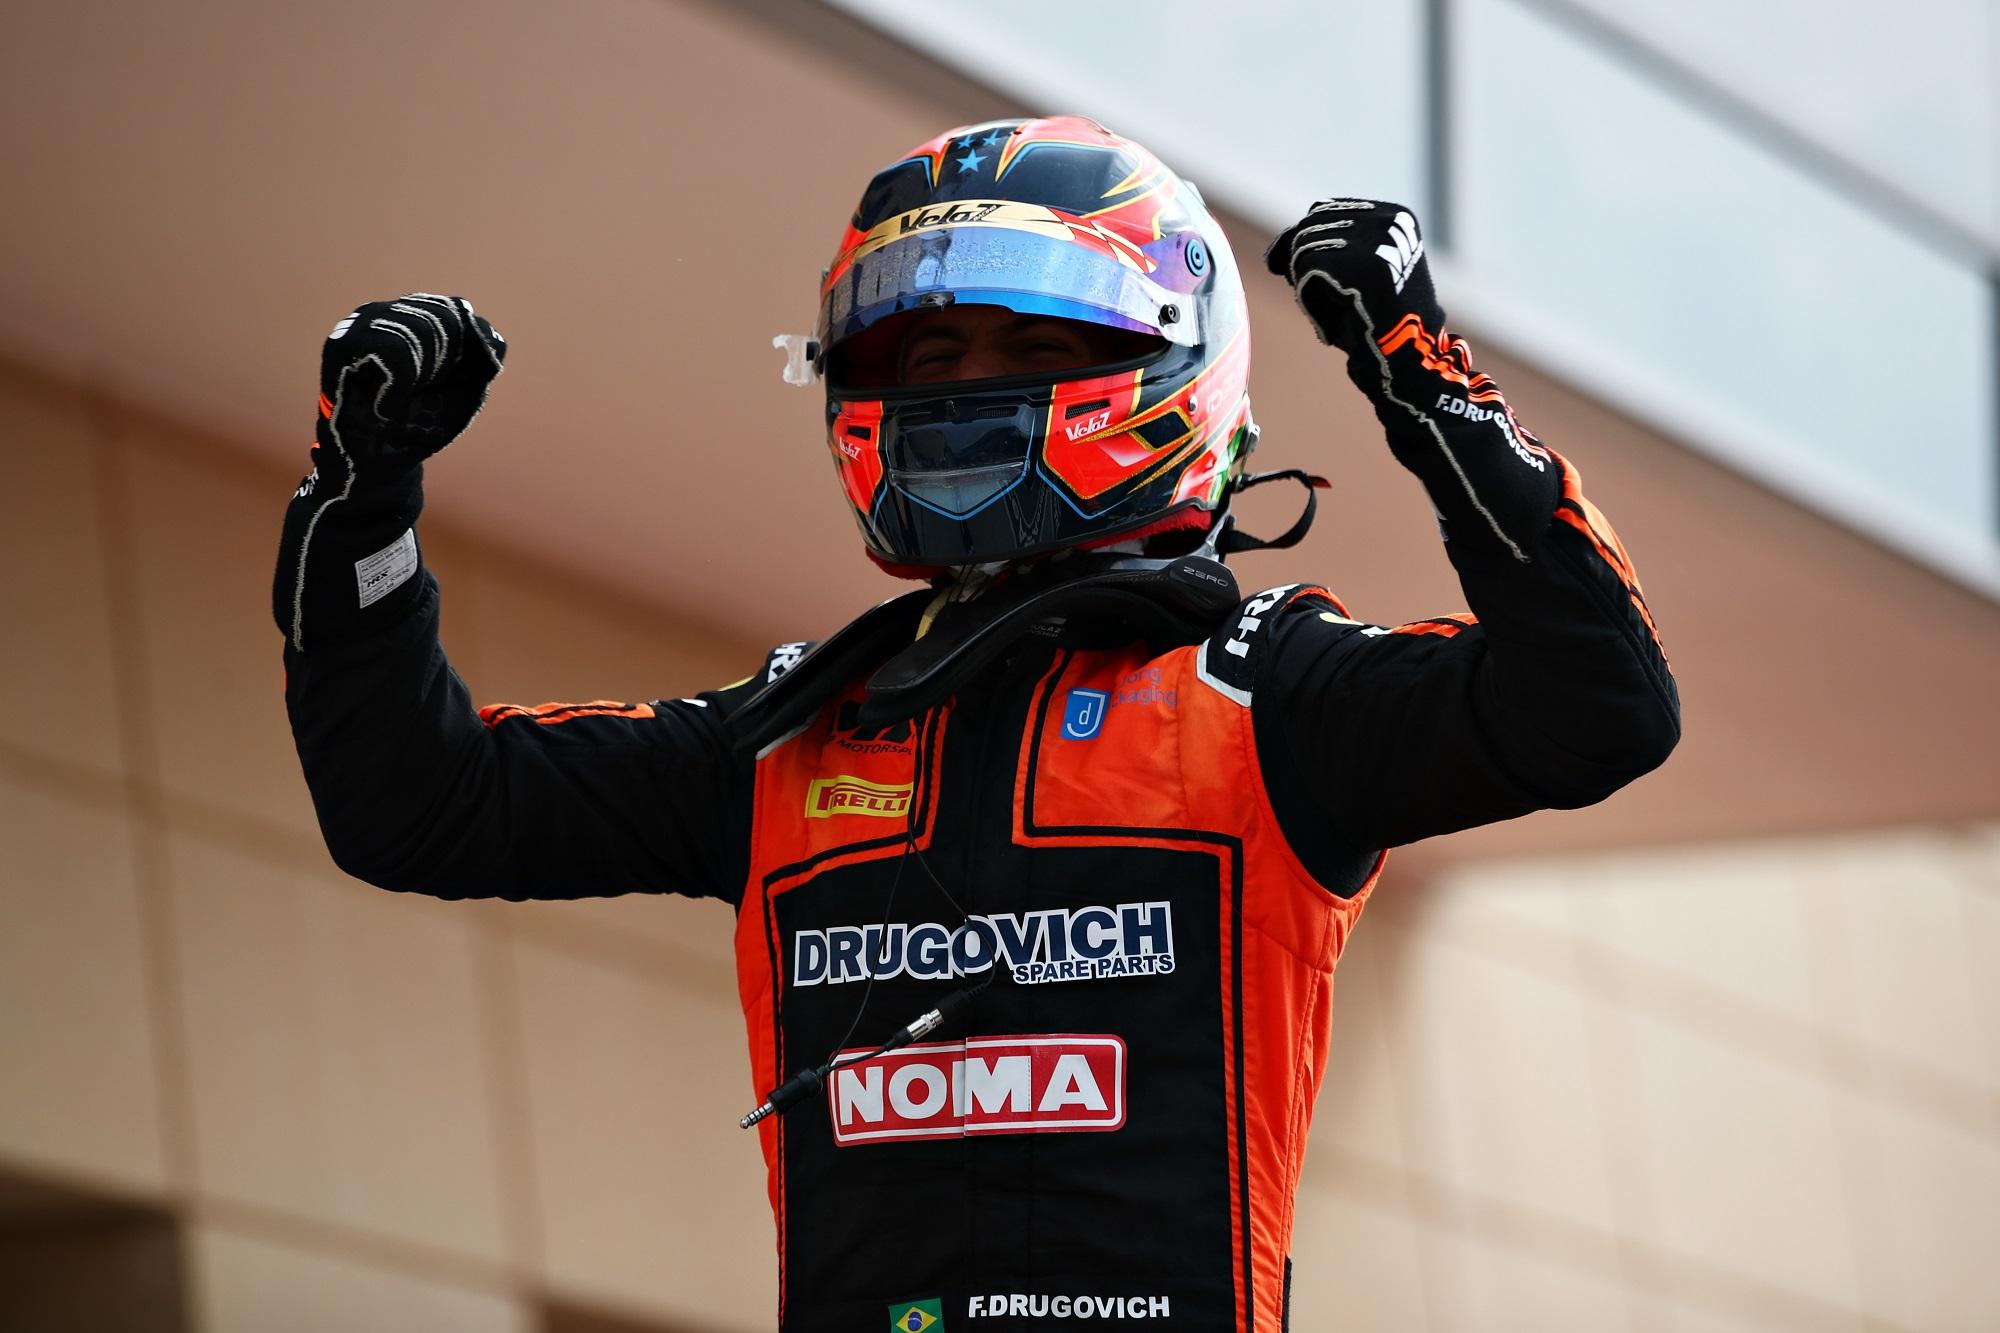 01_felipe_drugovich_mp_motorsport_c_formula_motorsport_limited.JPG